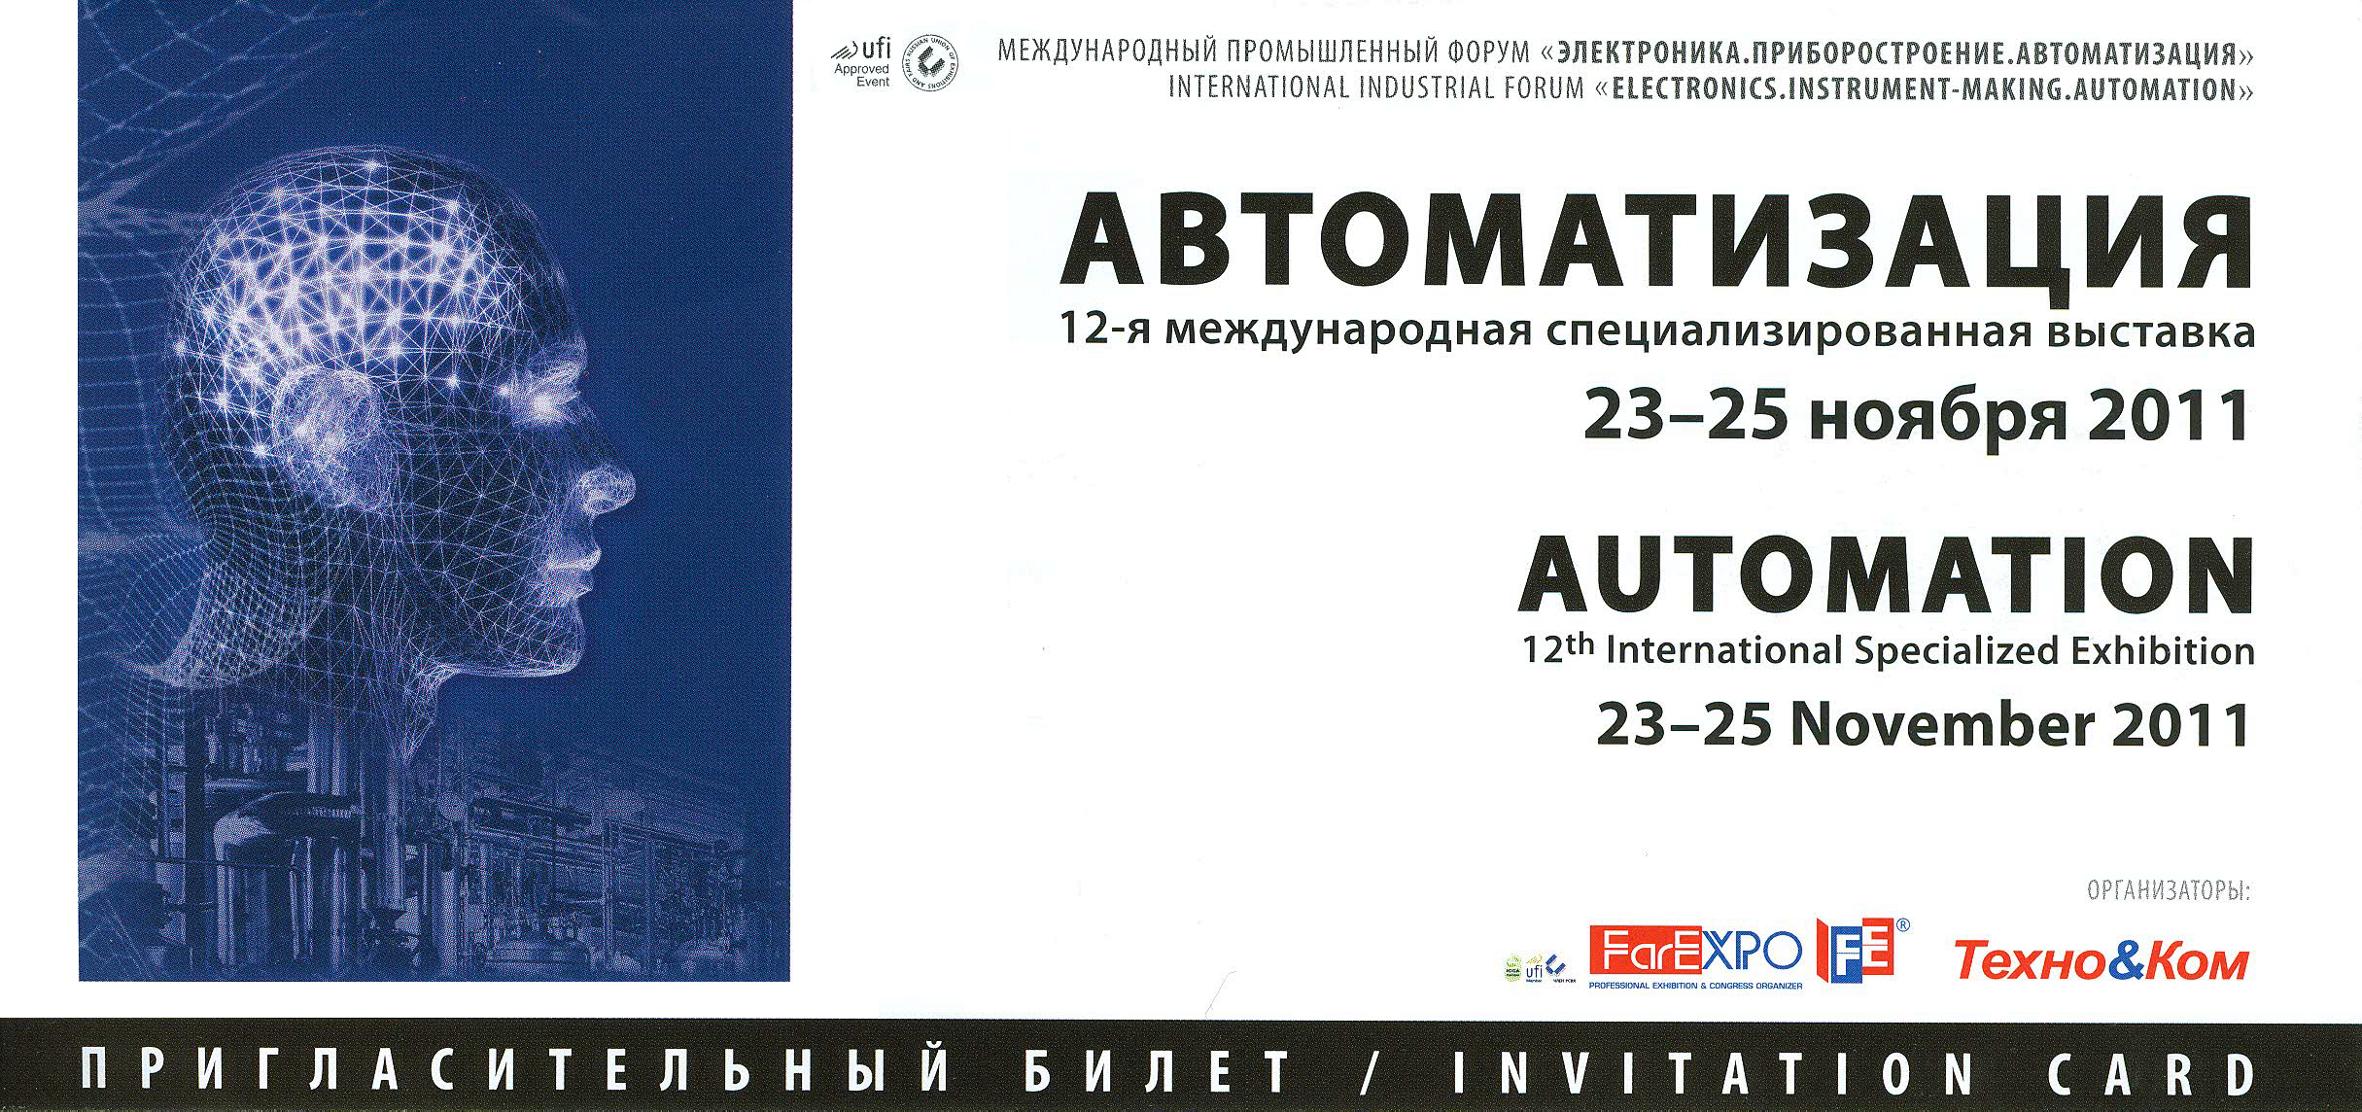 Художники гифка, приглашение на выставки открытки